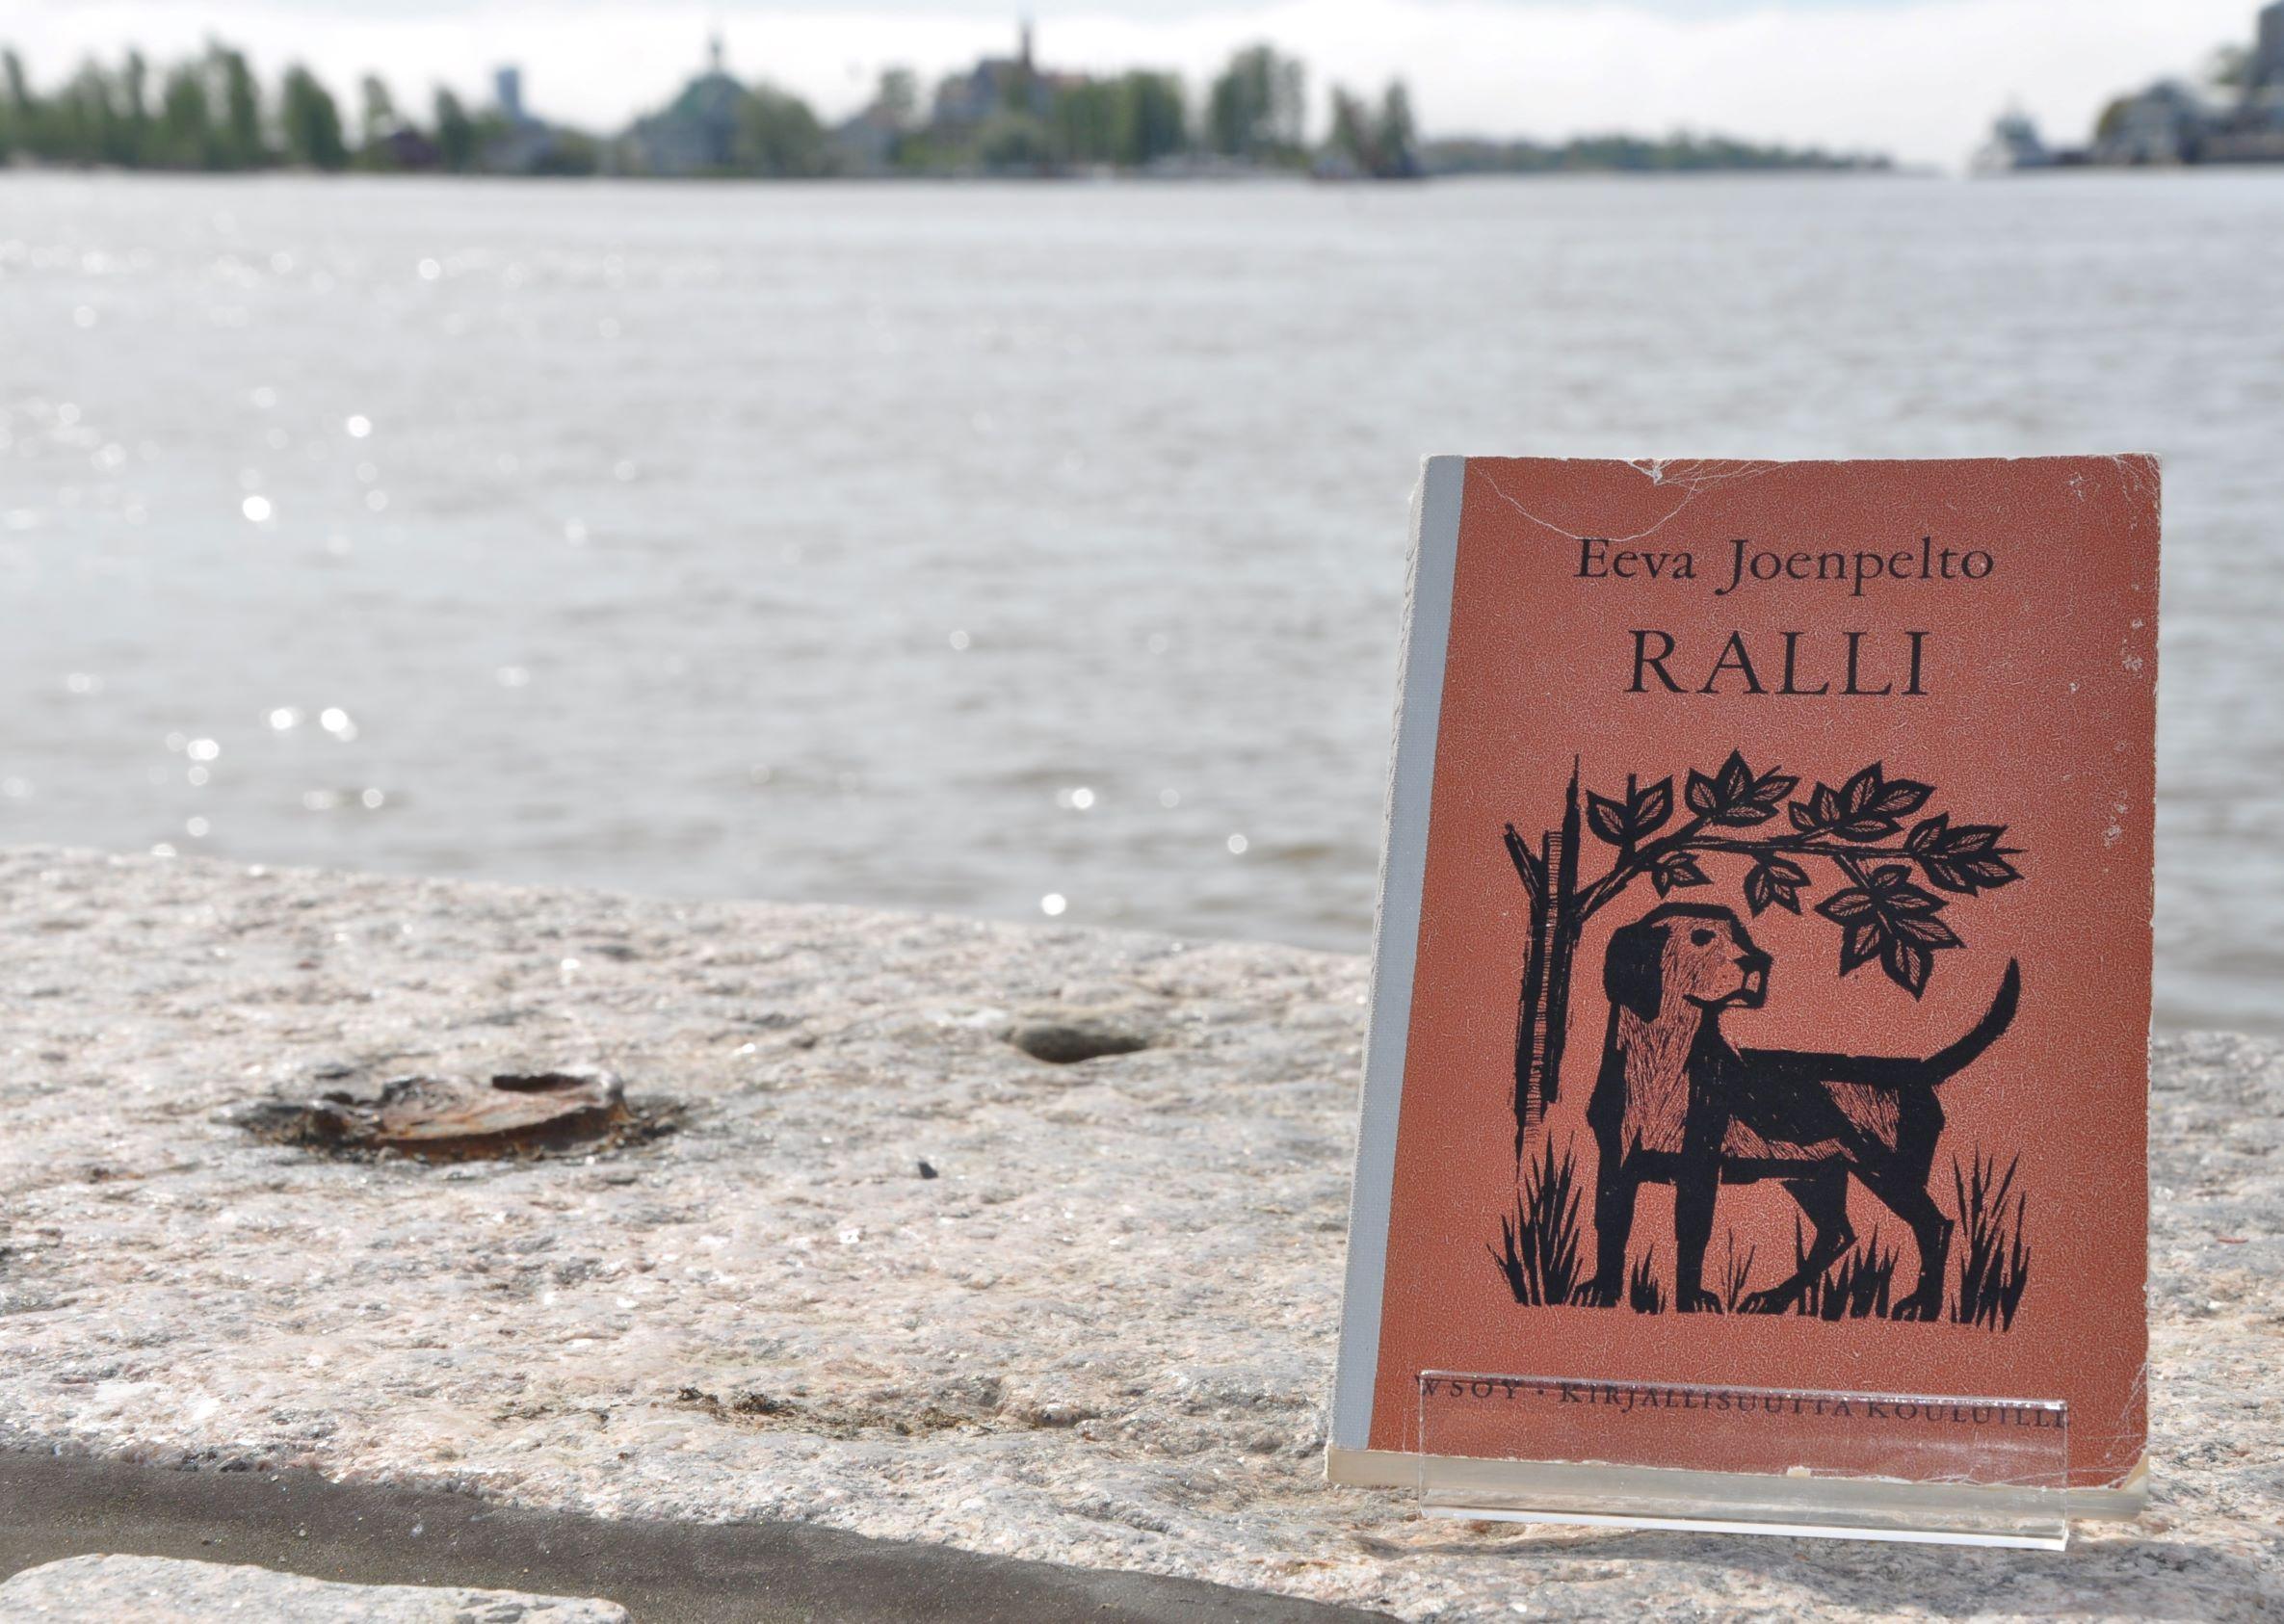 Ralli-kirja rannalla